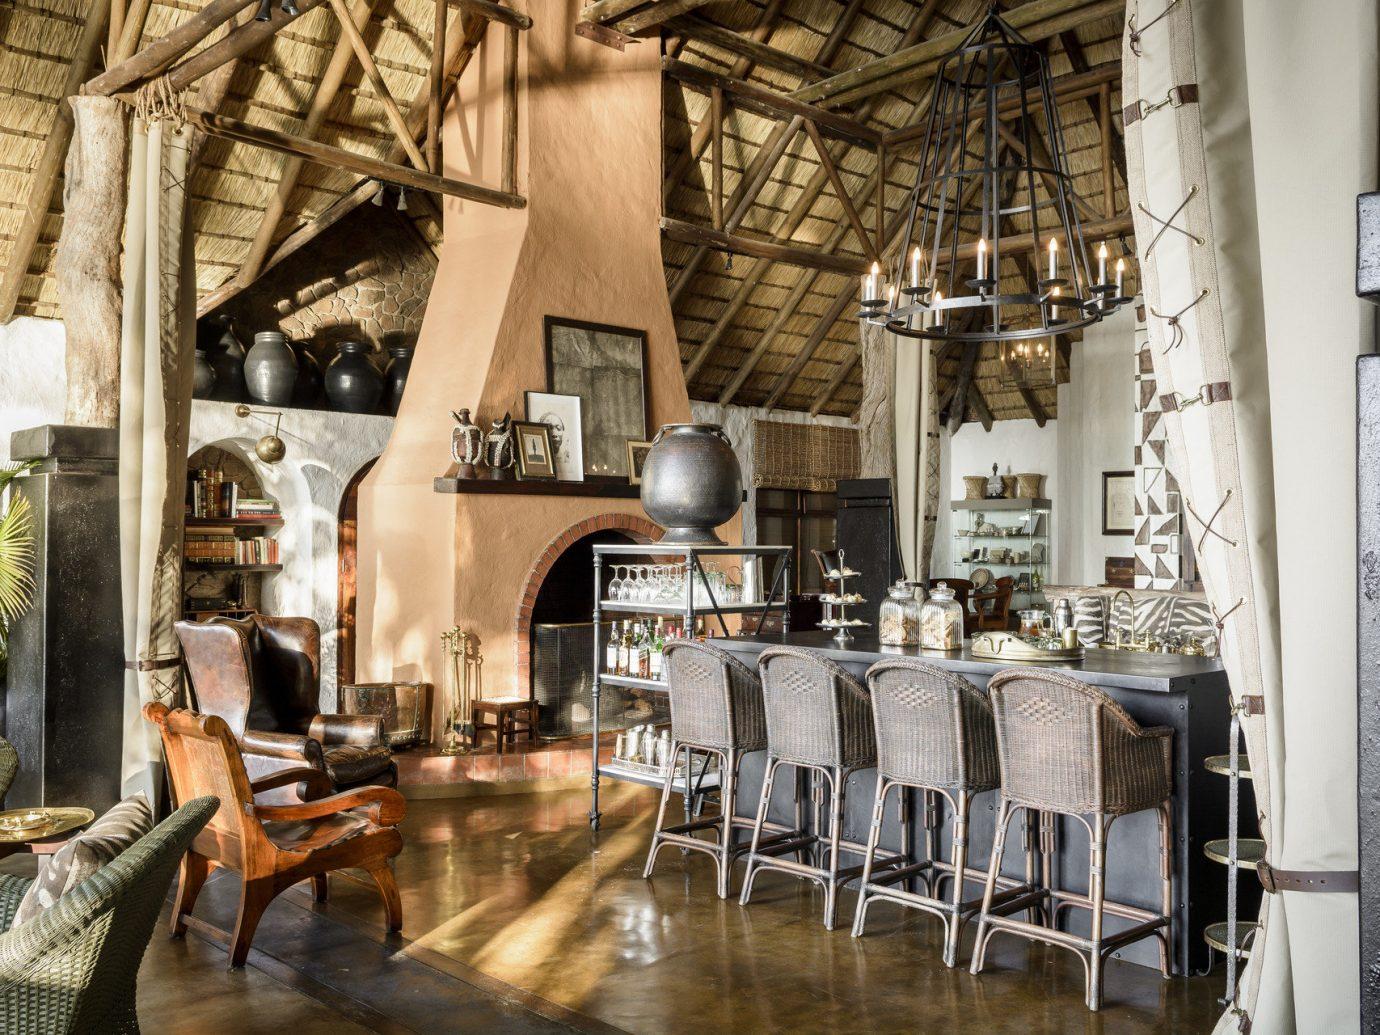 Food + Drink indoor floor room restaurant estate interior design meal Boutique area furniture several